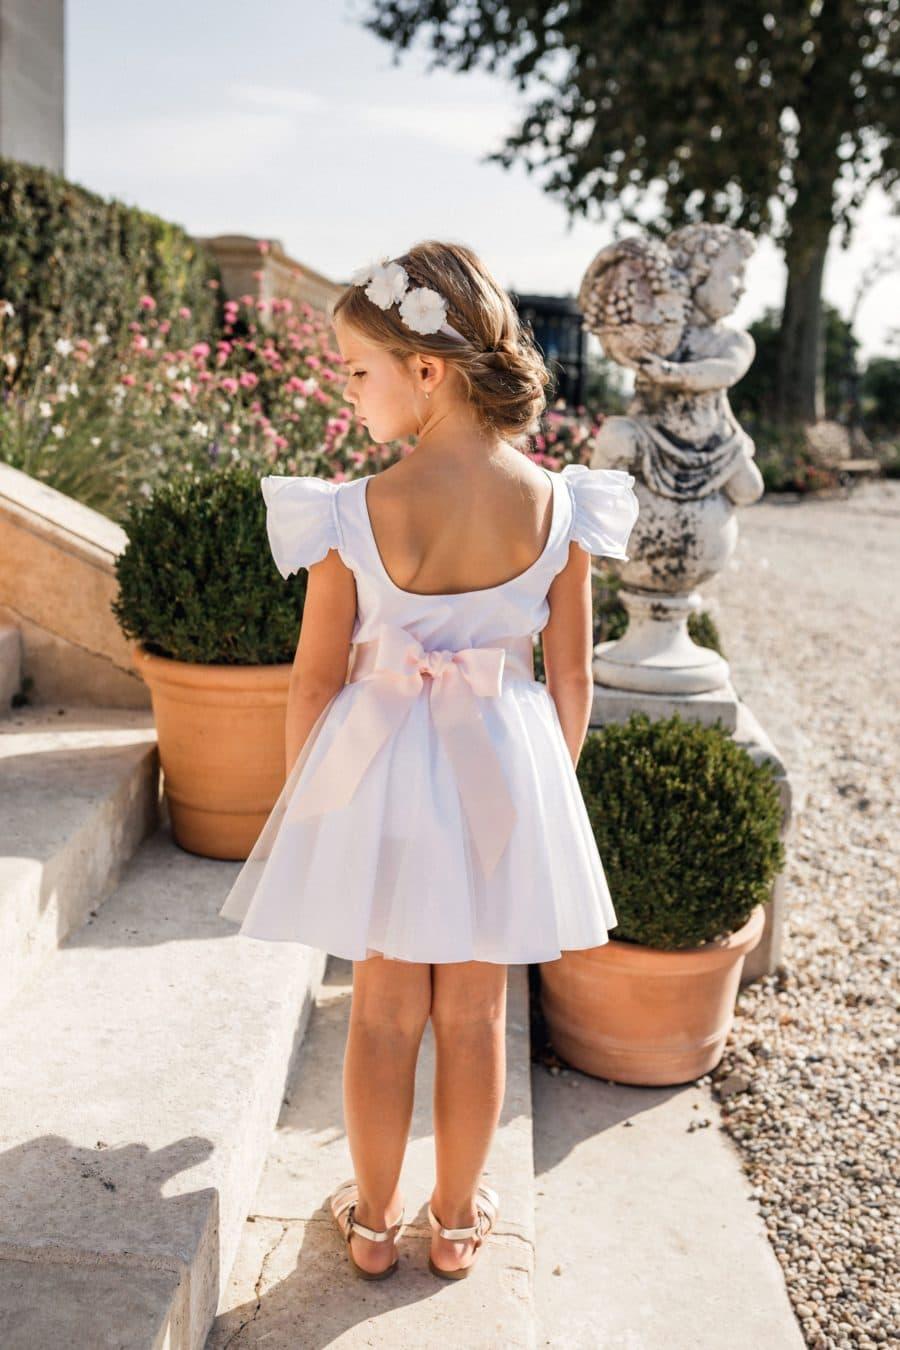 Tenue de cérémonie fille vue de dos avec jupe et haut